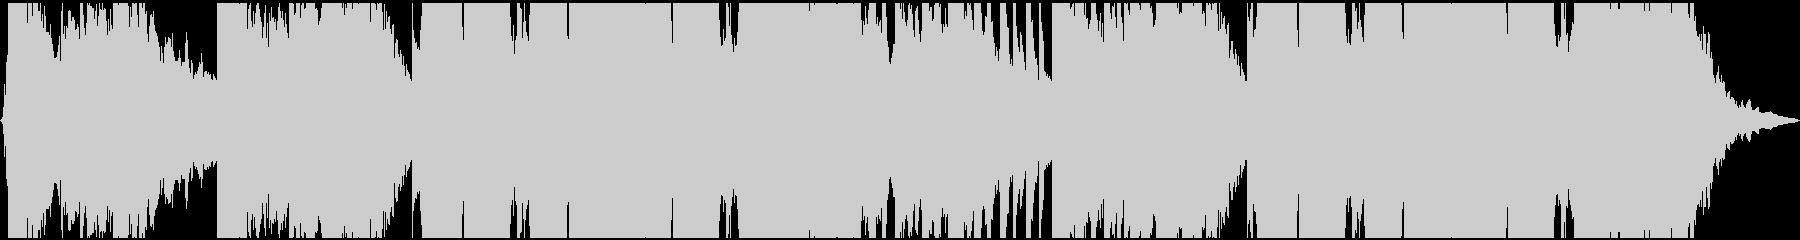 クールなアメリカンウエスタンロックの未再生の波形